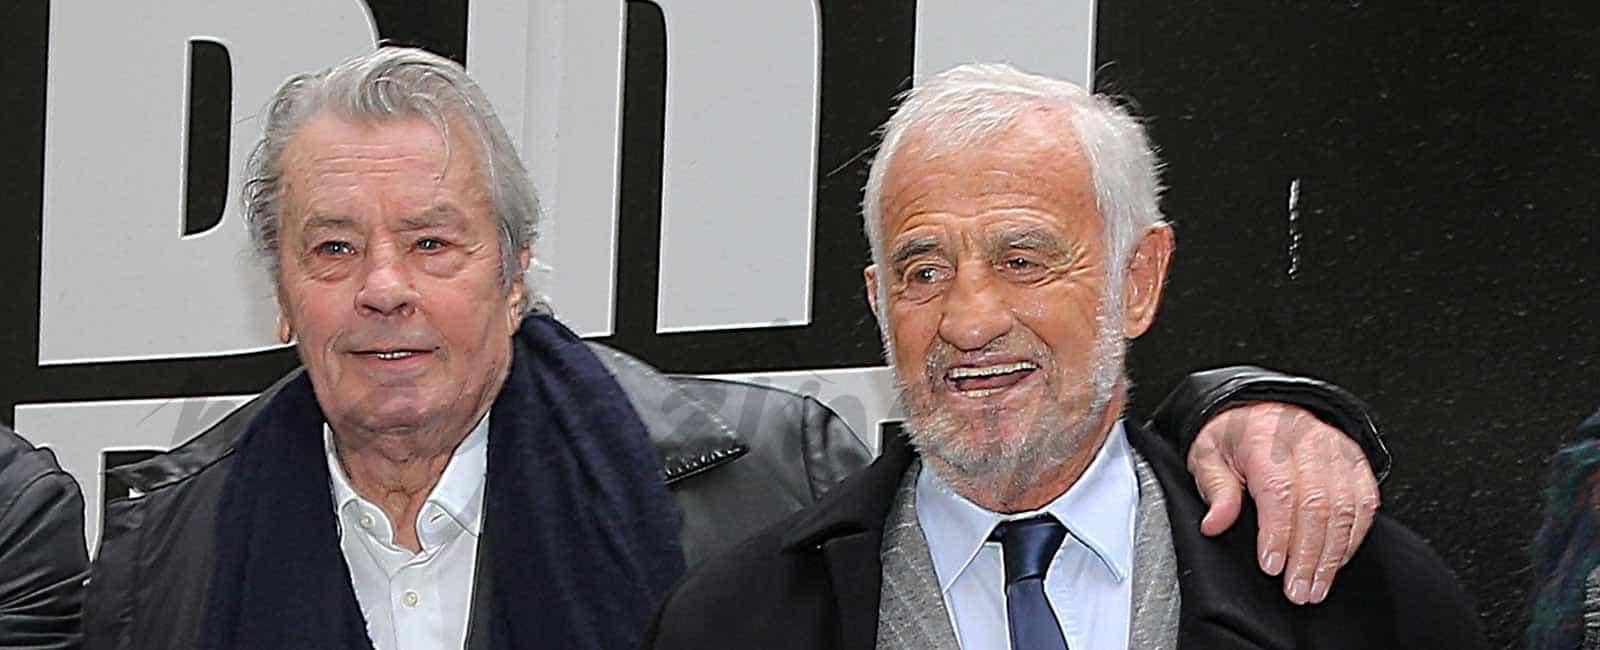 Alain Delon y Jean-Paul Belmondo juntos de nuevo